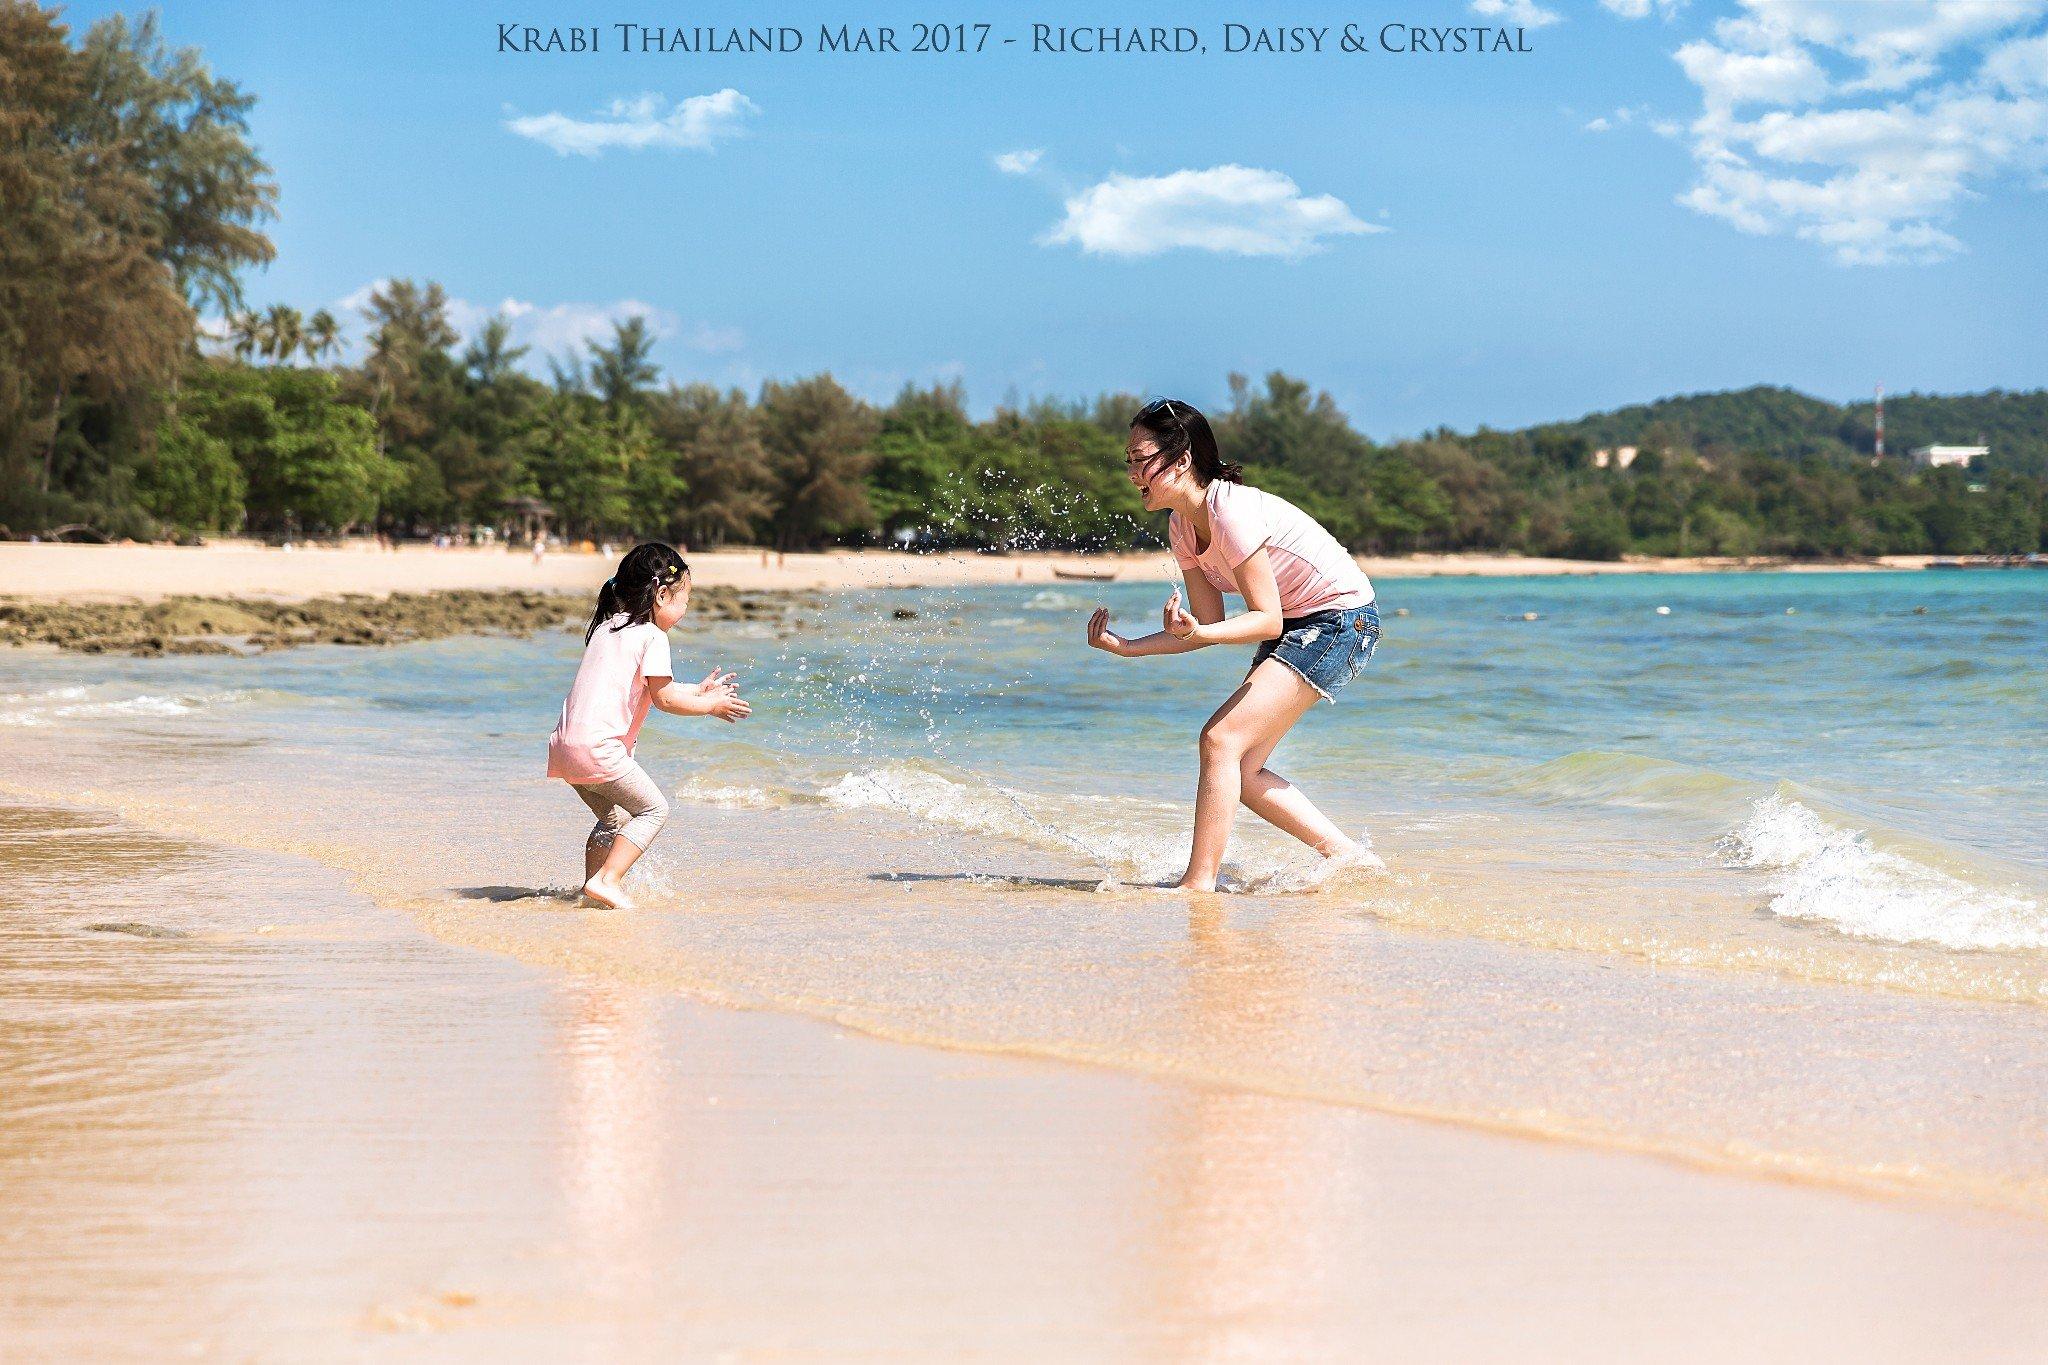 阳光&沙滩——甲米,没有Schedule的5日海边悠闲亲子时光